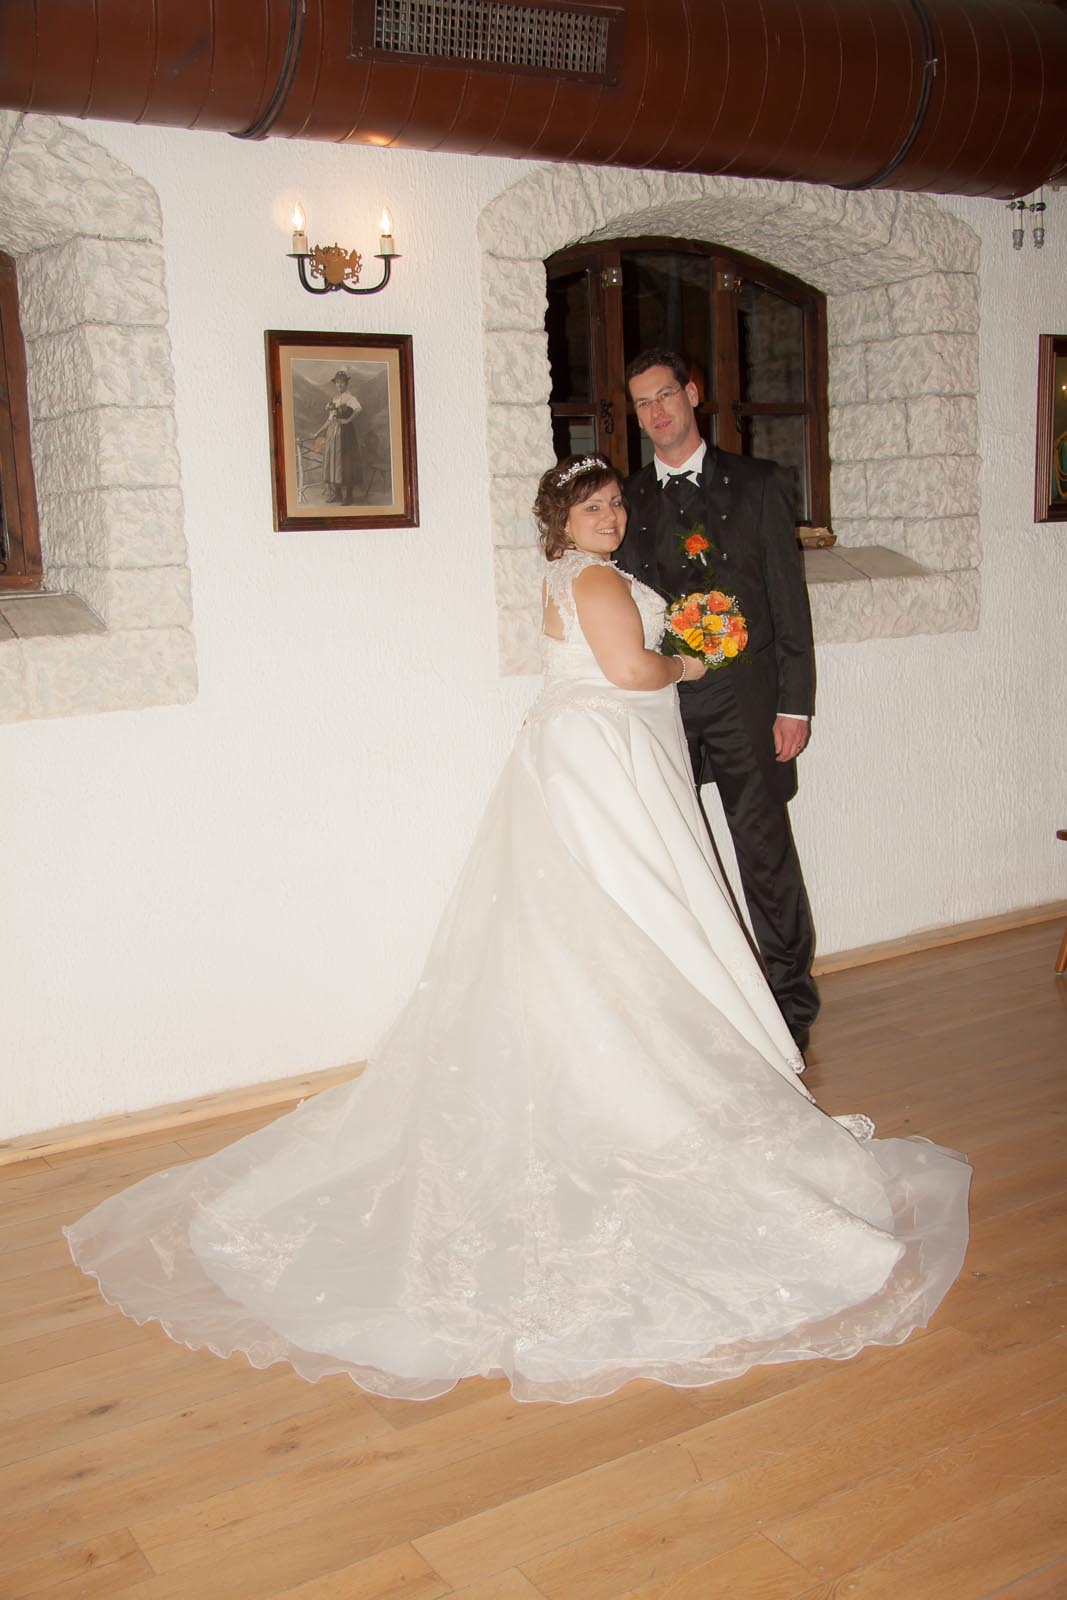 Hochzeit-Portraits-Smeekens-Hochzeit-Smeekens-2188.jpg